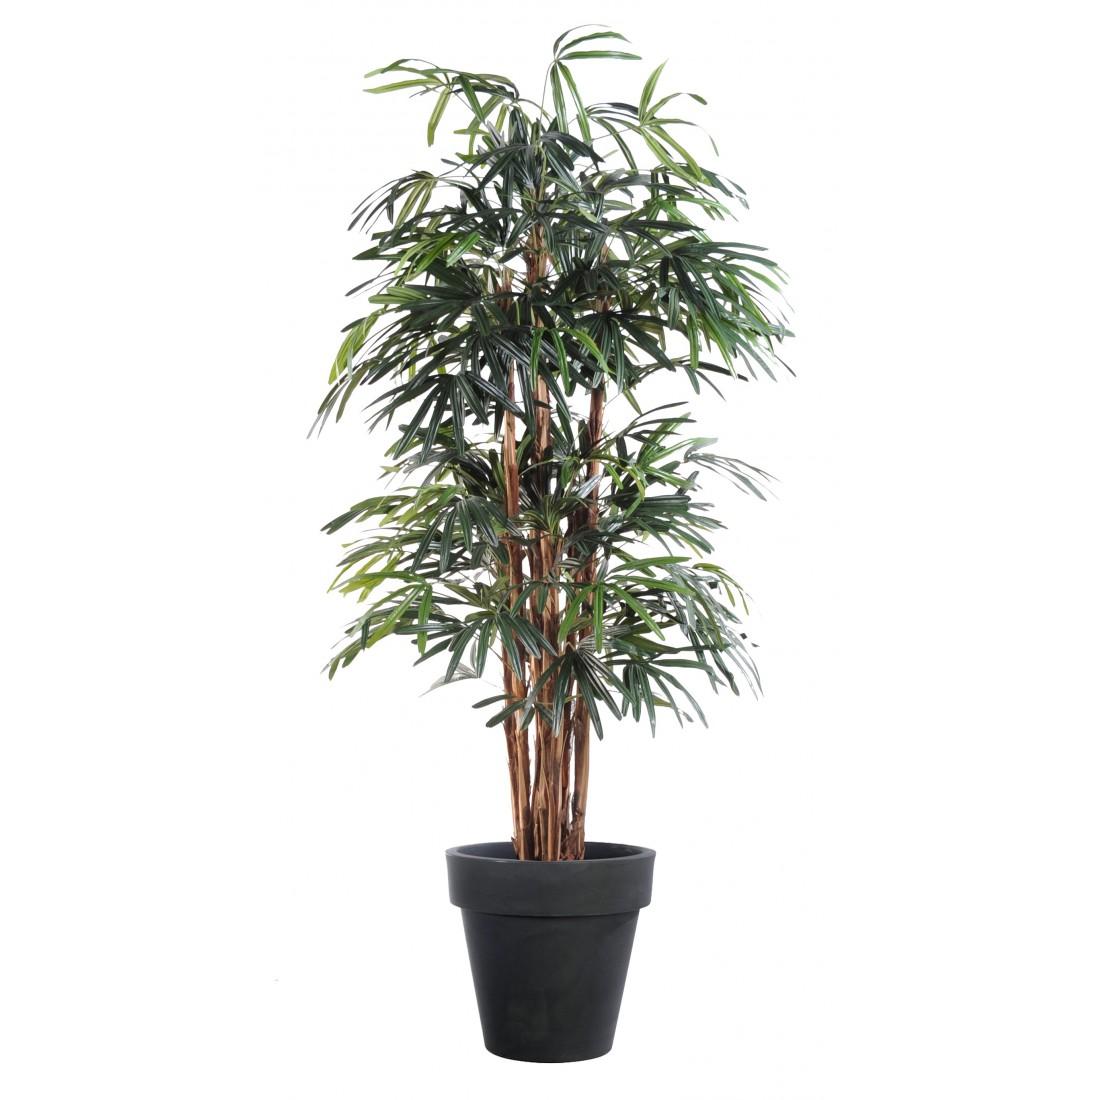 Palmier artificiel raphis lady palm 150 210cm arbres for Arbre palmier artificiel